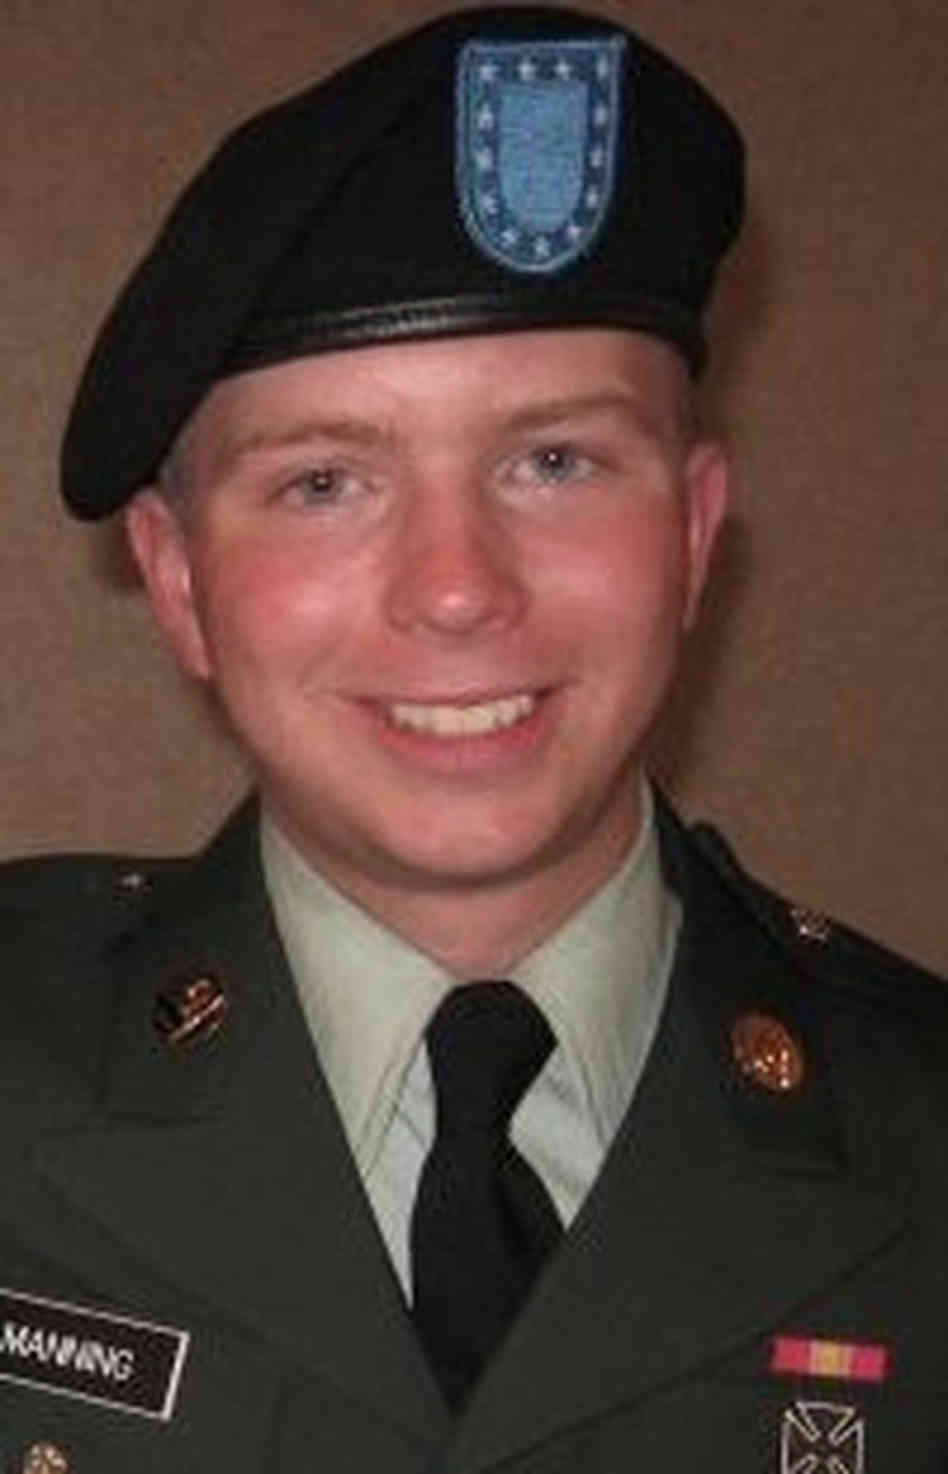 Zojuist is bekend geworden dat Bradley Manning niet schuldig is aan hulp aan ... - bradley-manning_custom-12d5a8bee1f8ed1c579286c7cae7d966e996787c-s6-c30